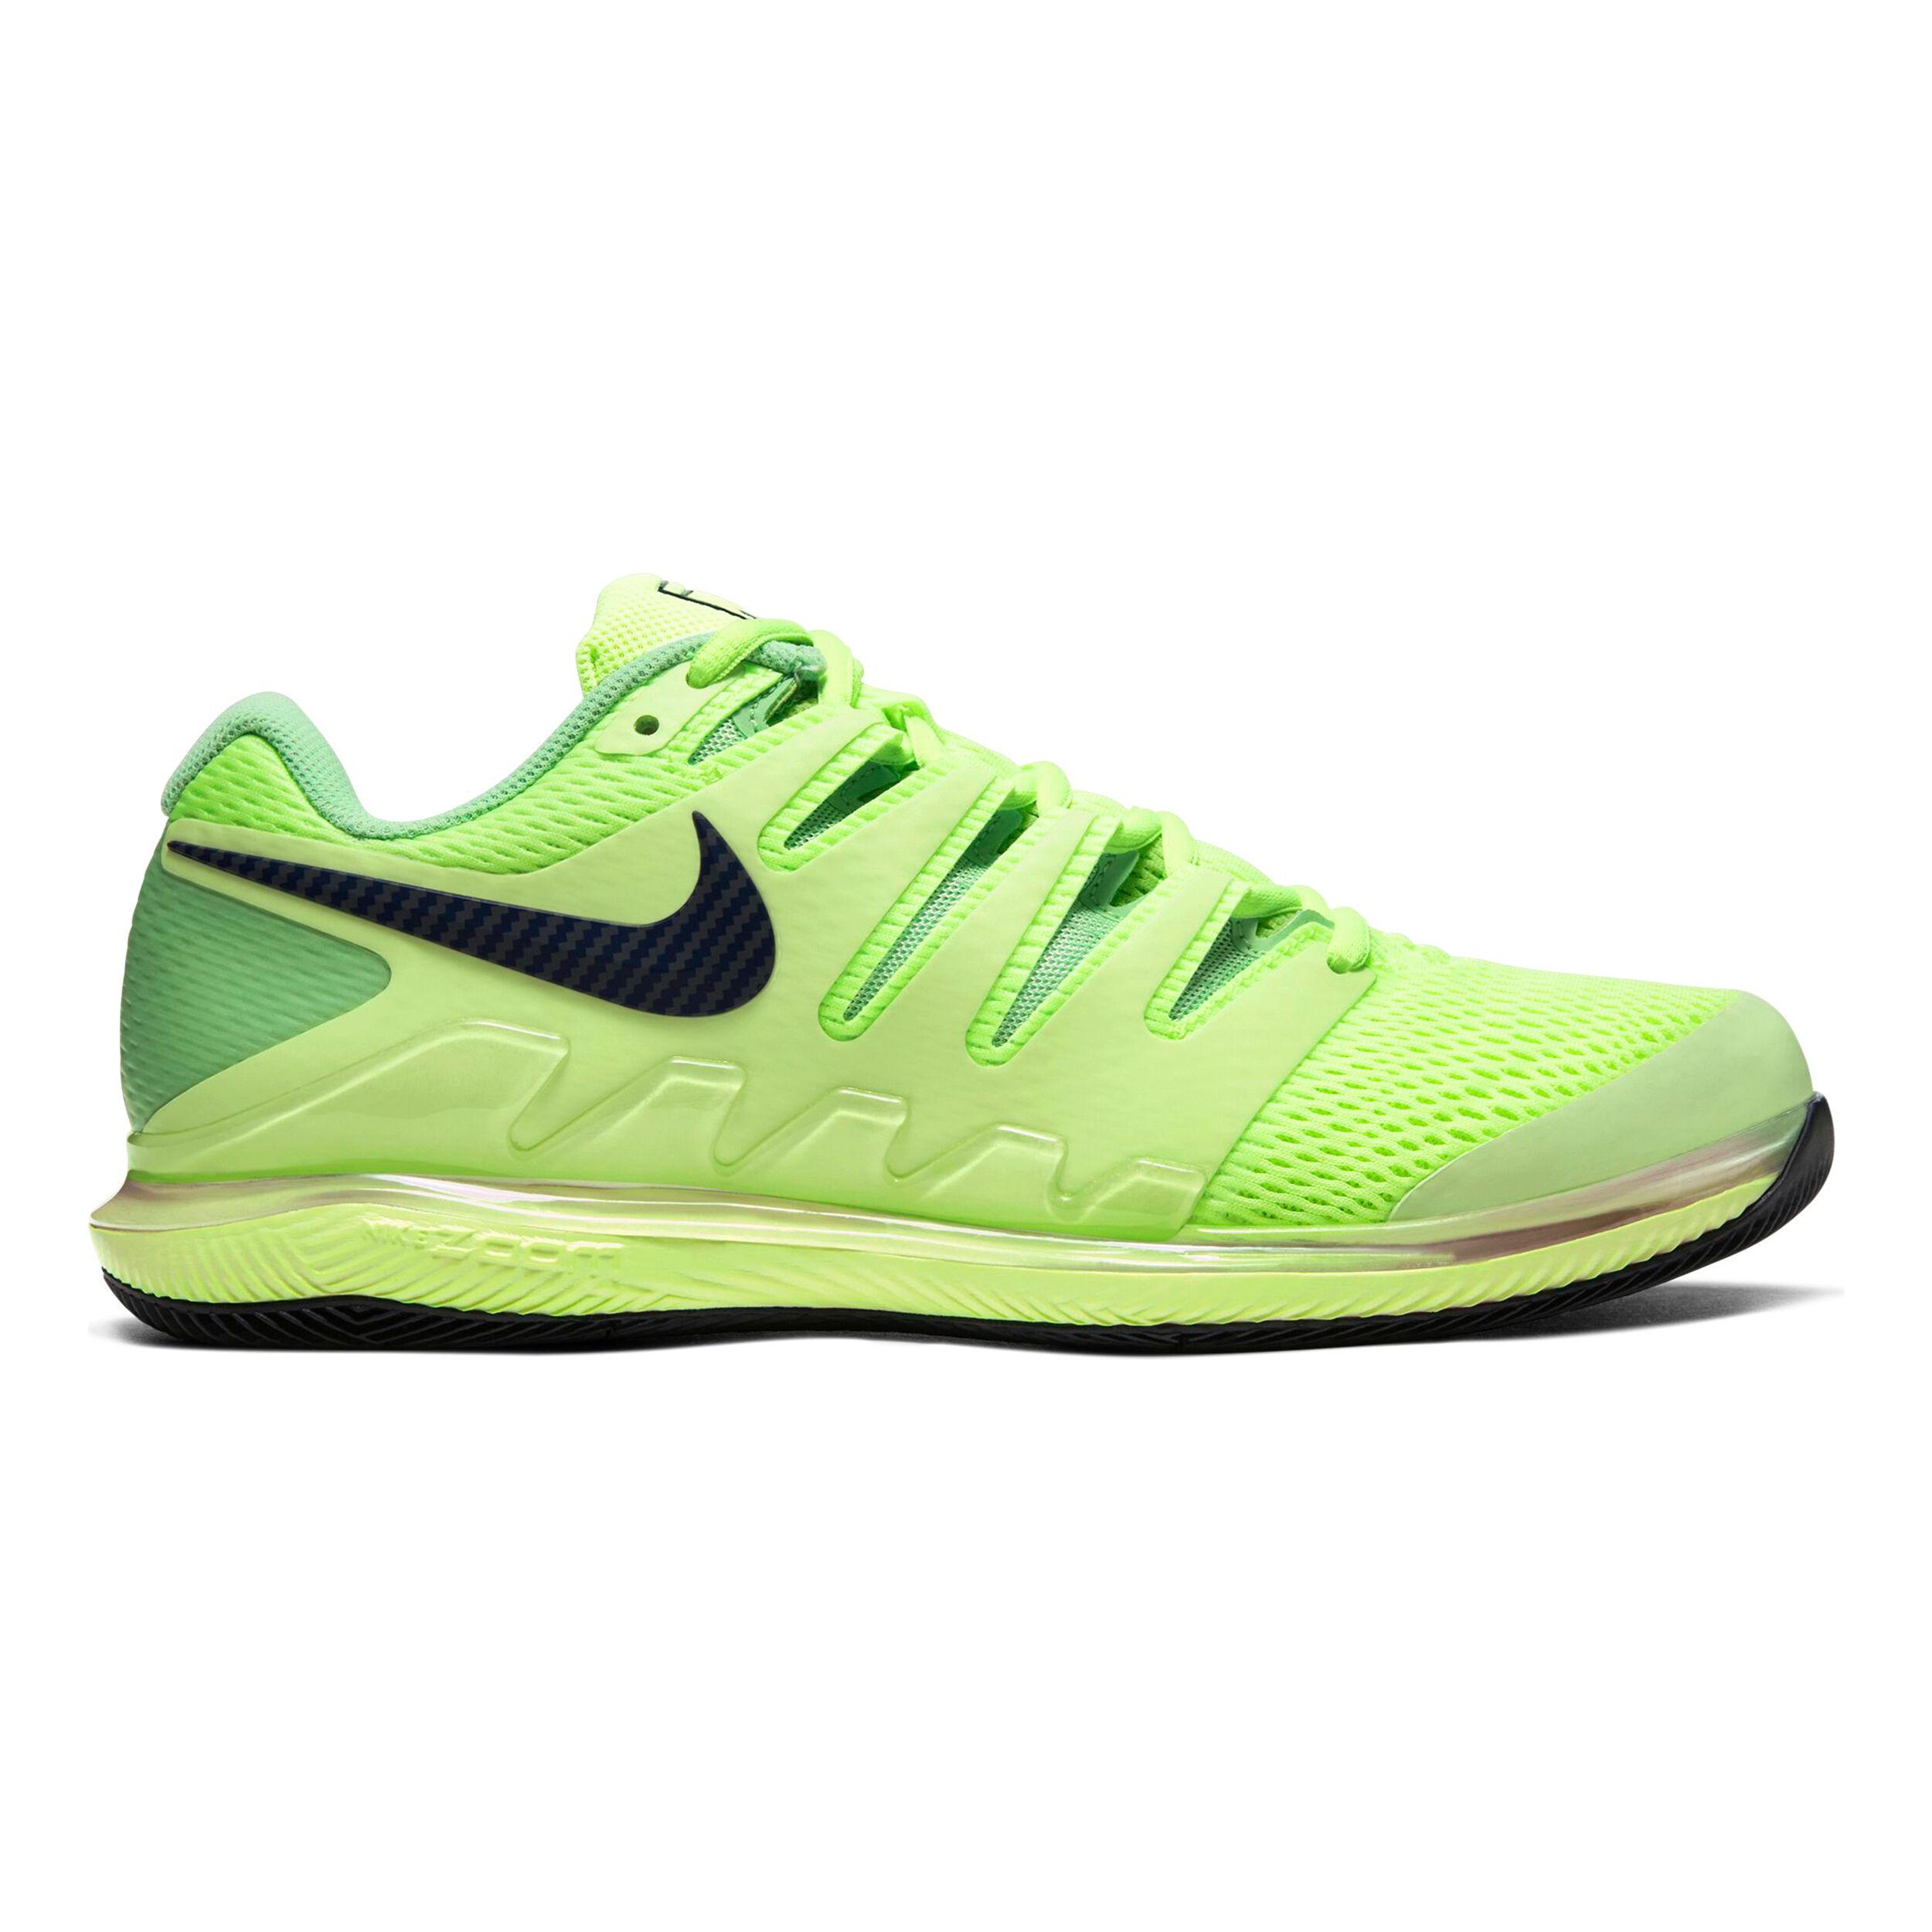 Outlet de zapatillas de padel talla 48.5 verdes baratas